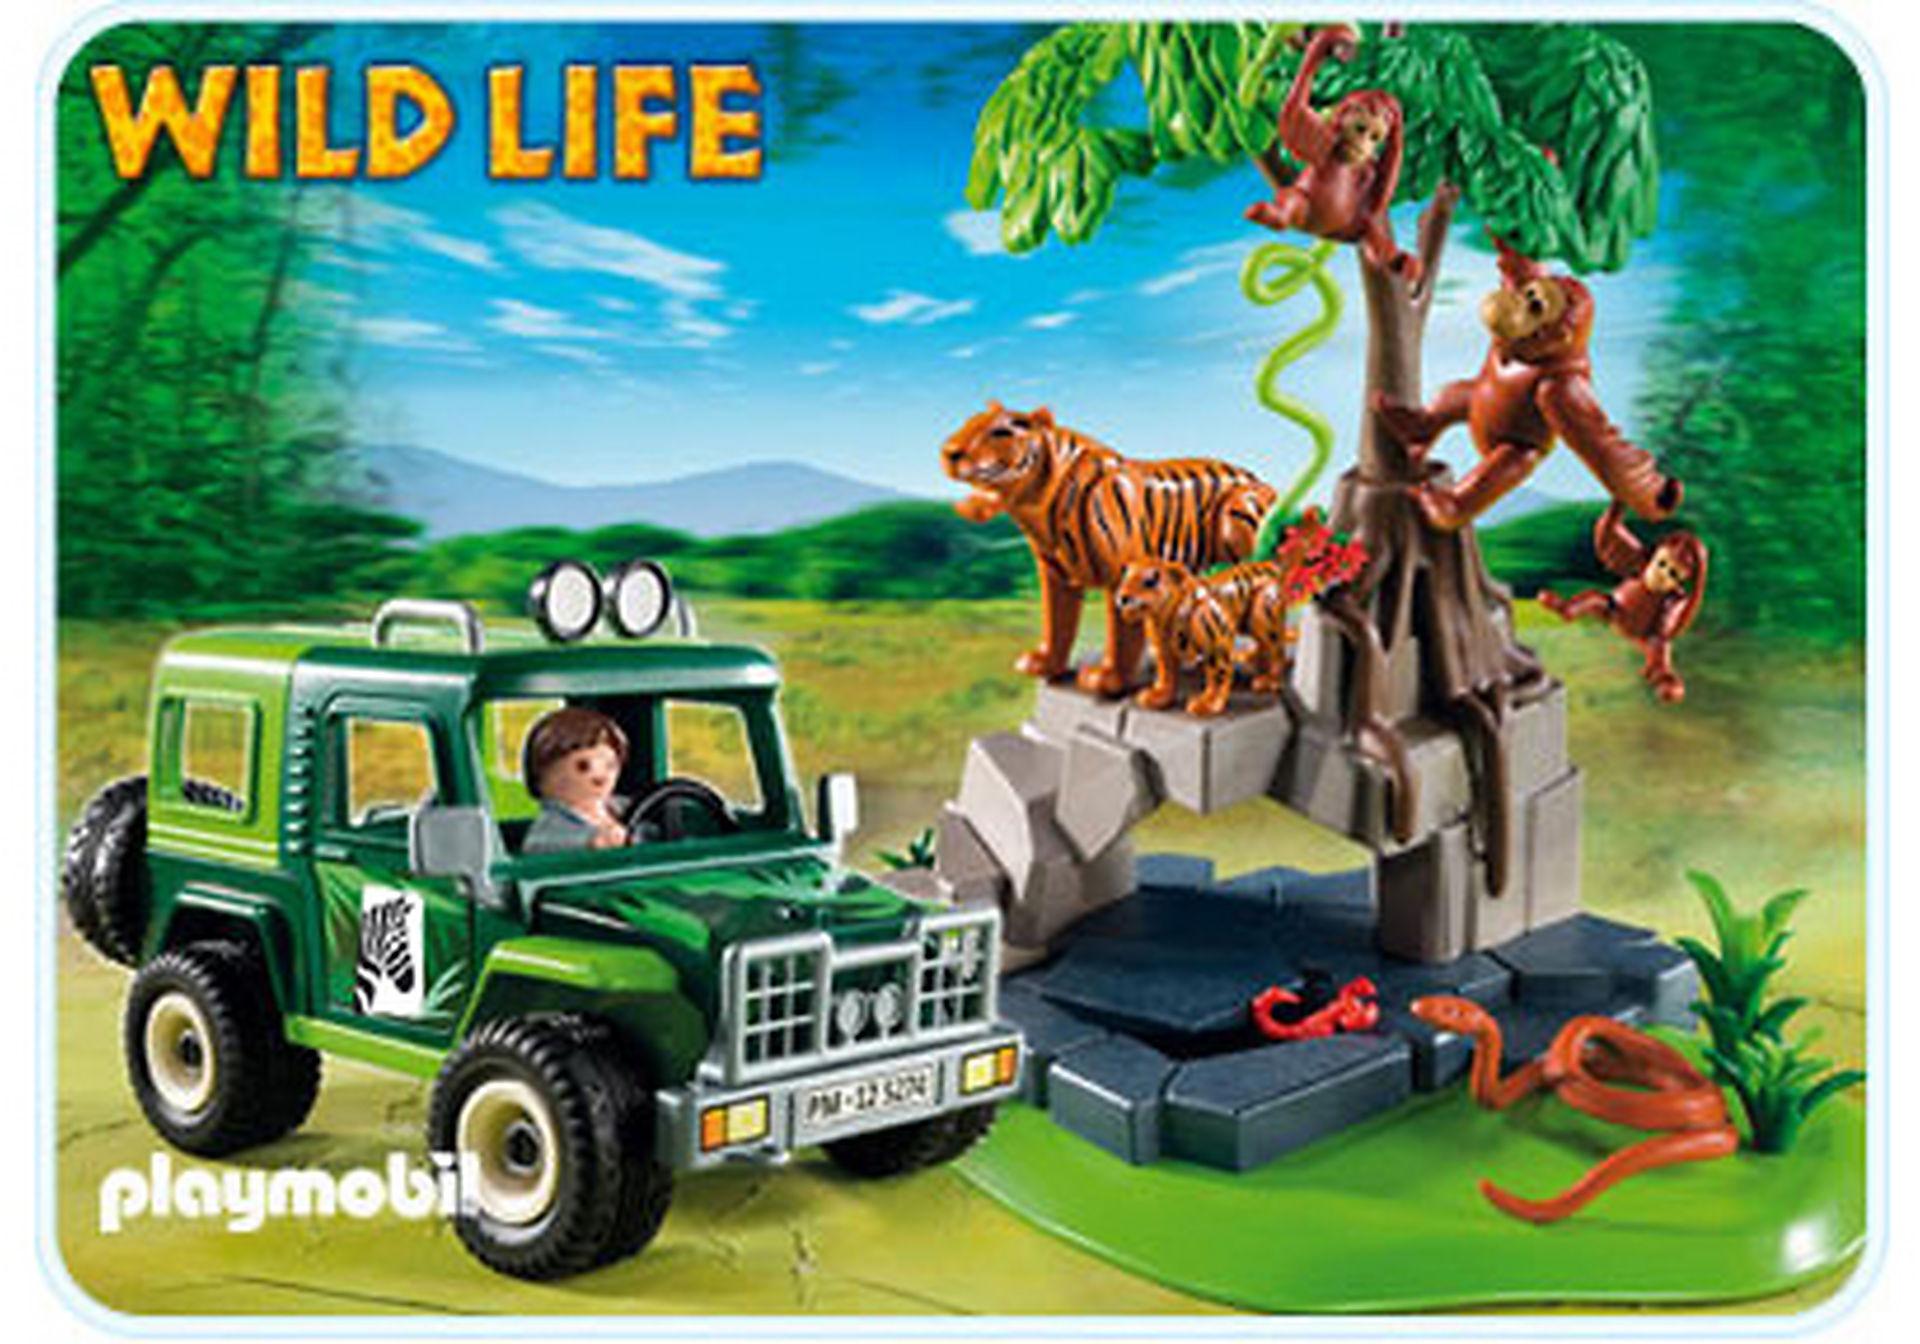 http://media.playmobil.com/i/playmobil/5416-A_product_detail/Geländewagen bei Tigern und Orang-Utans